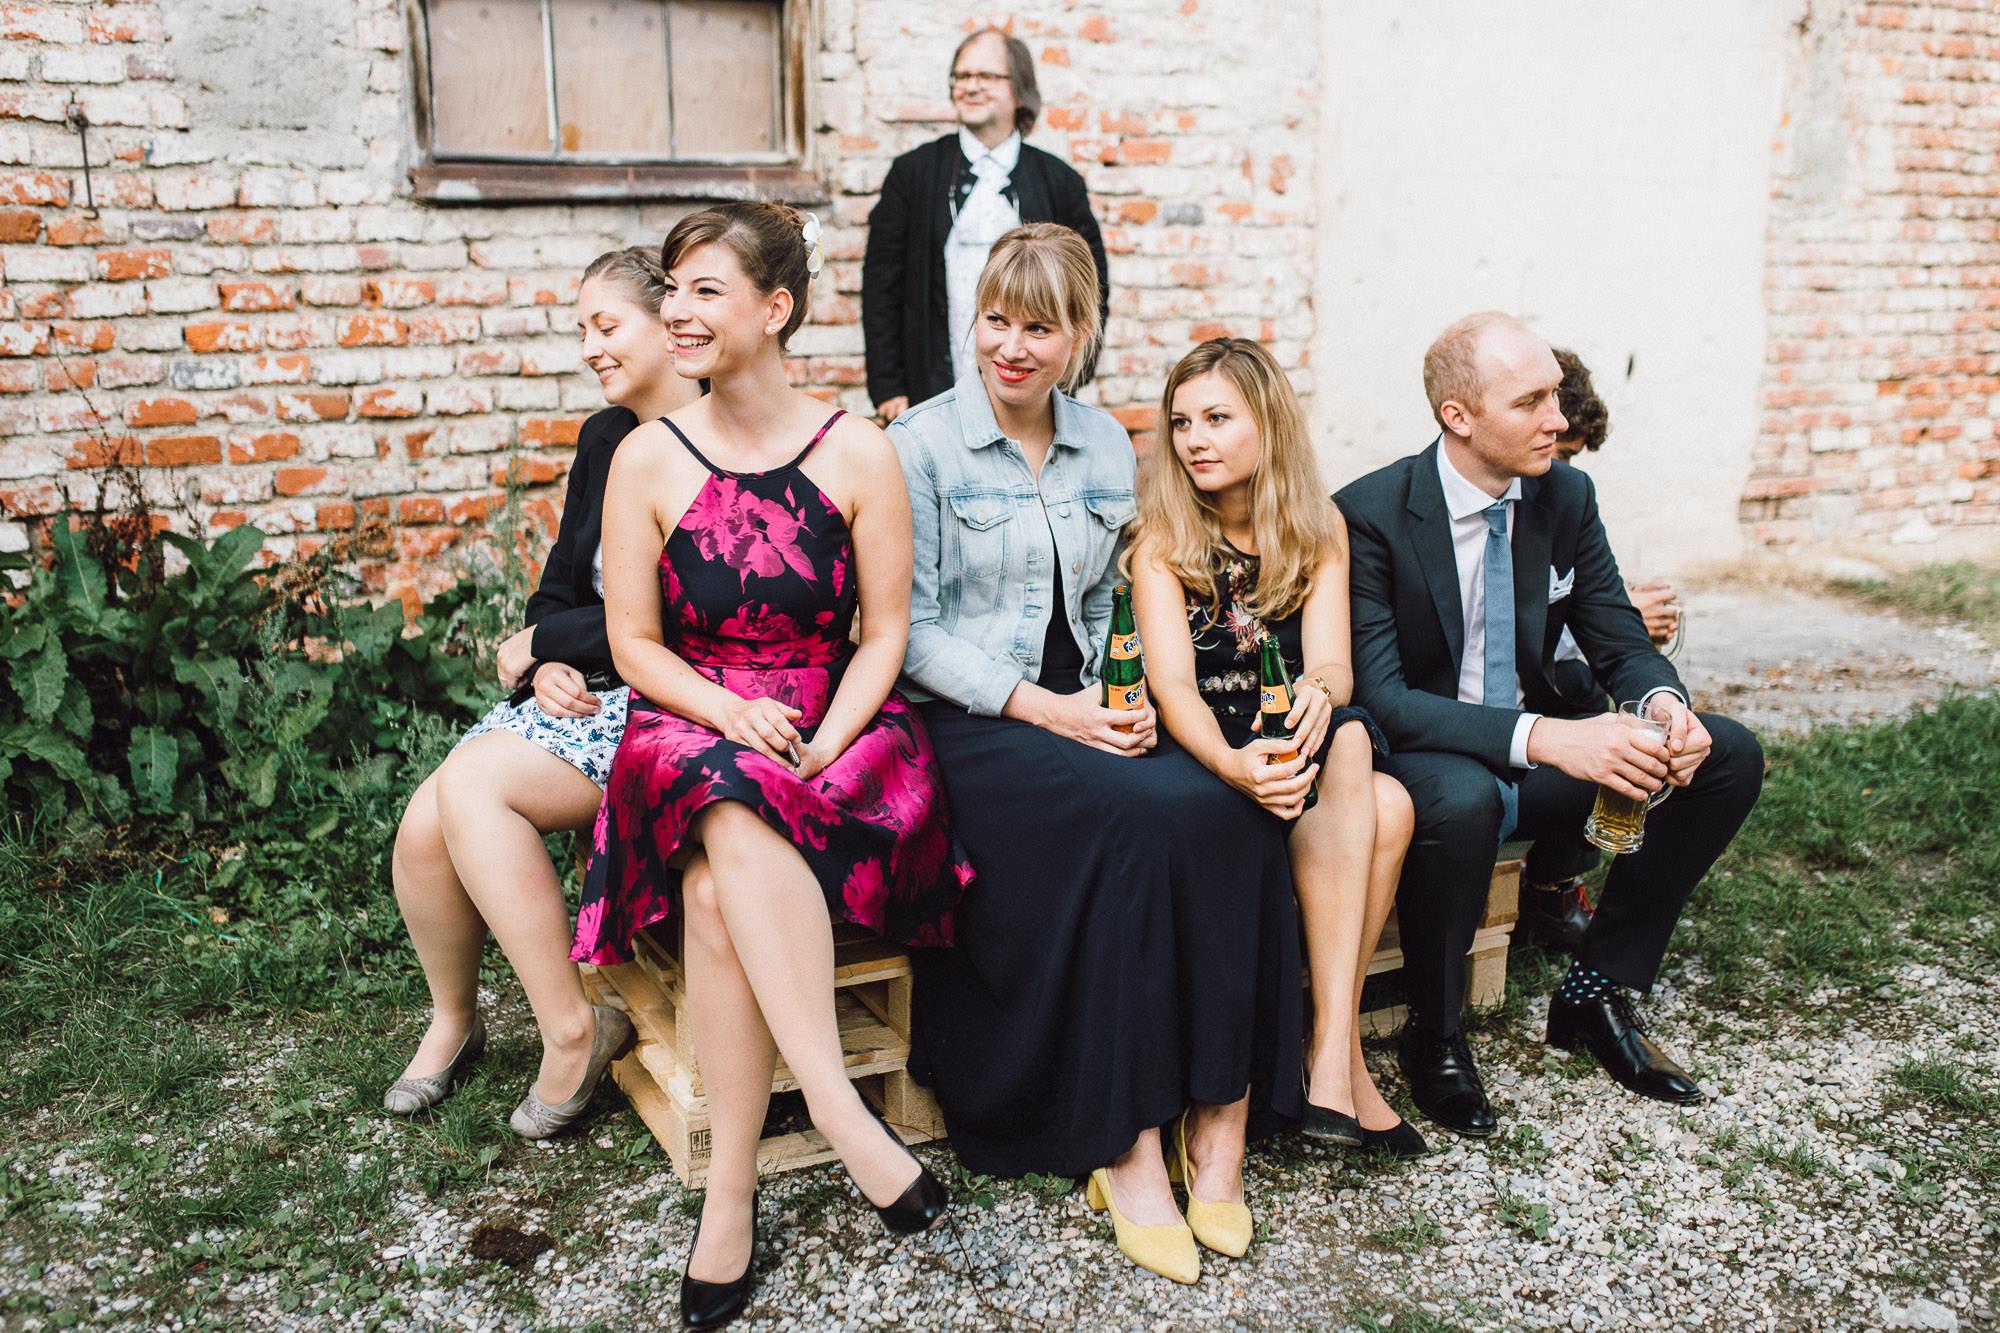 greenery-wedding-hochzeit-prielhof-sukkulenten-scheyern-lauraelenaphotography-069